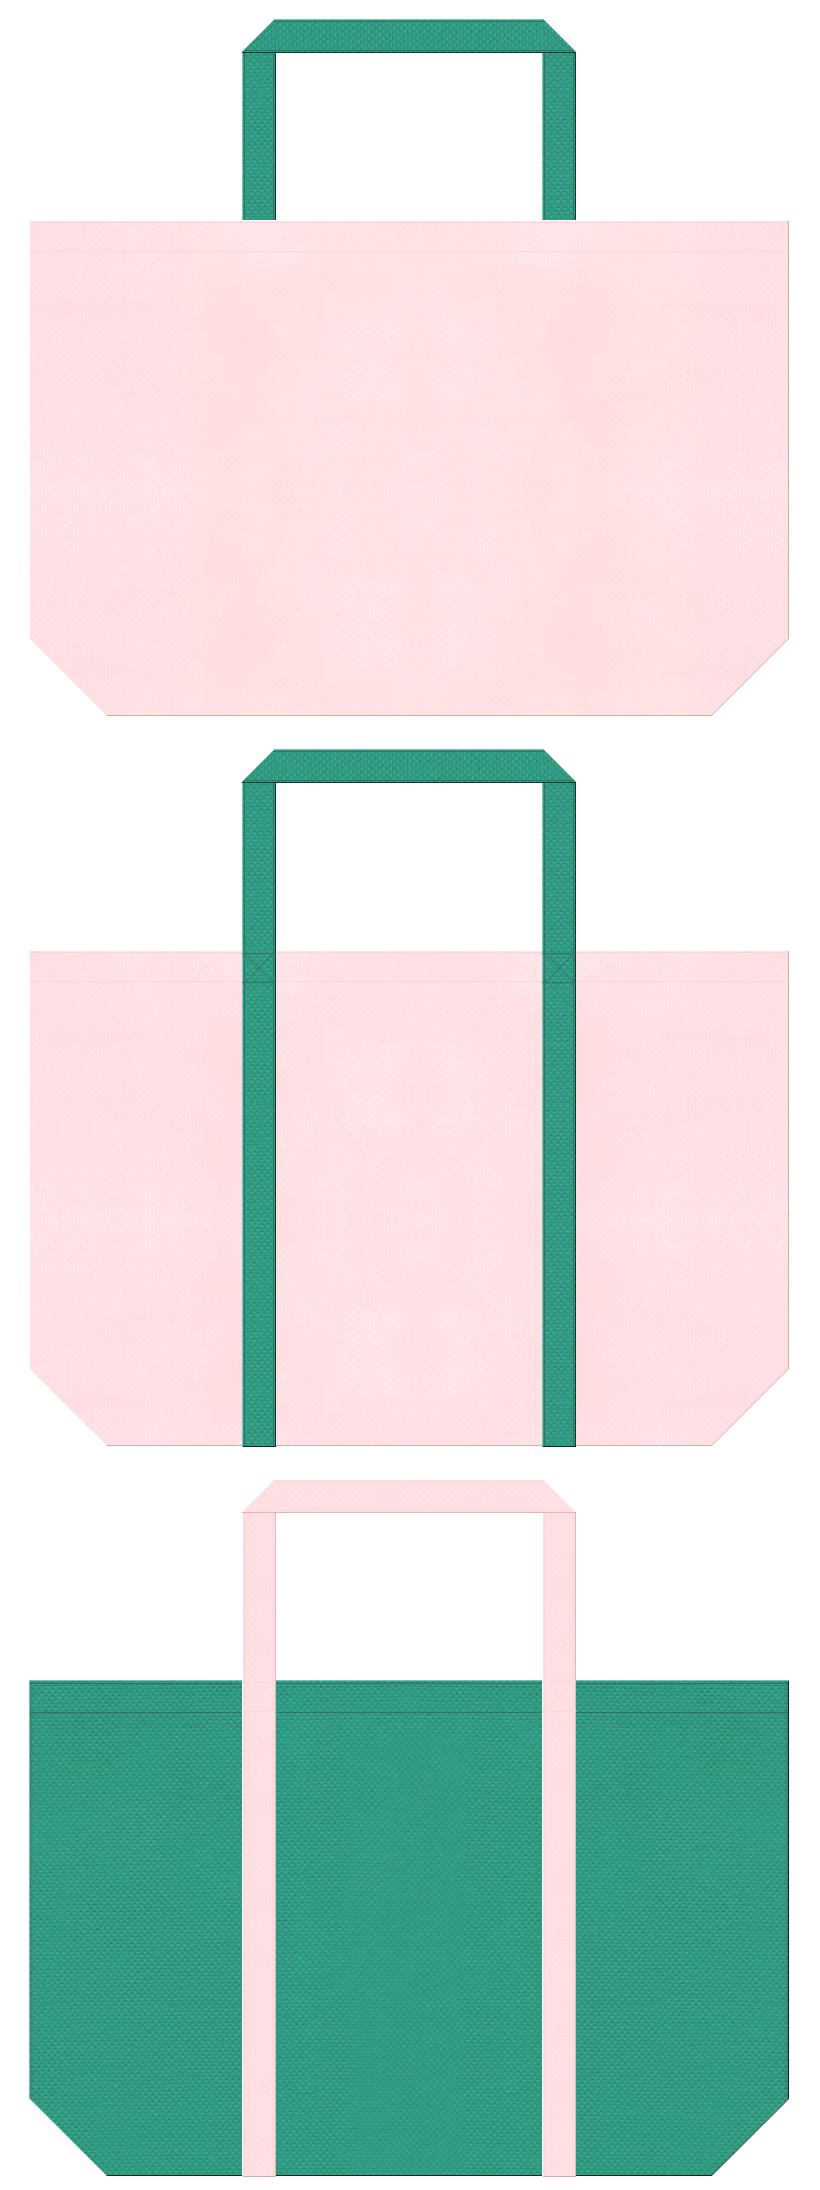 シャンプー・石鹸・洗剤・入浴剤・バス用品・お掃除用品・家庭用品の販促イベントにお奨めの不織布バッグのデザイン:桜色と青緑色のコーデ